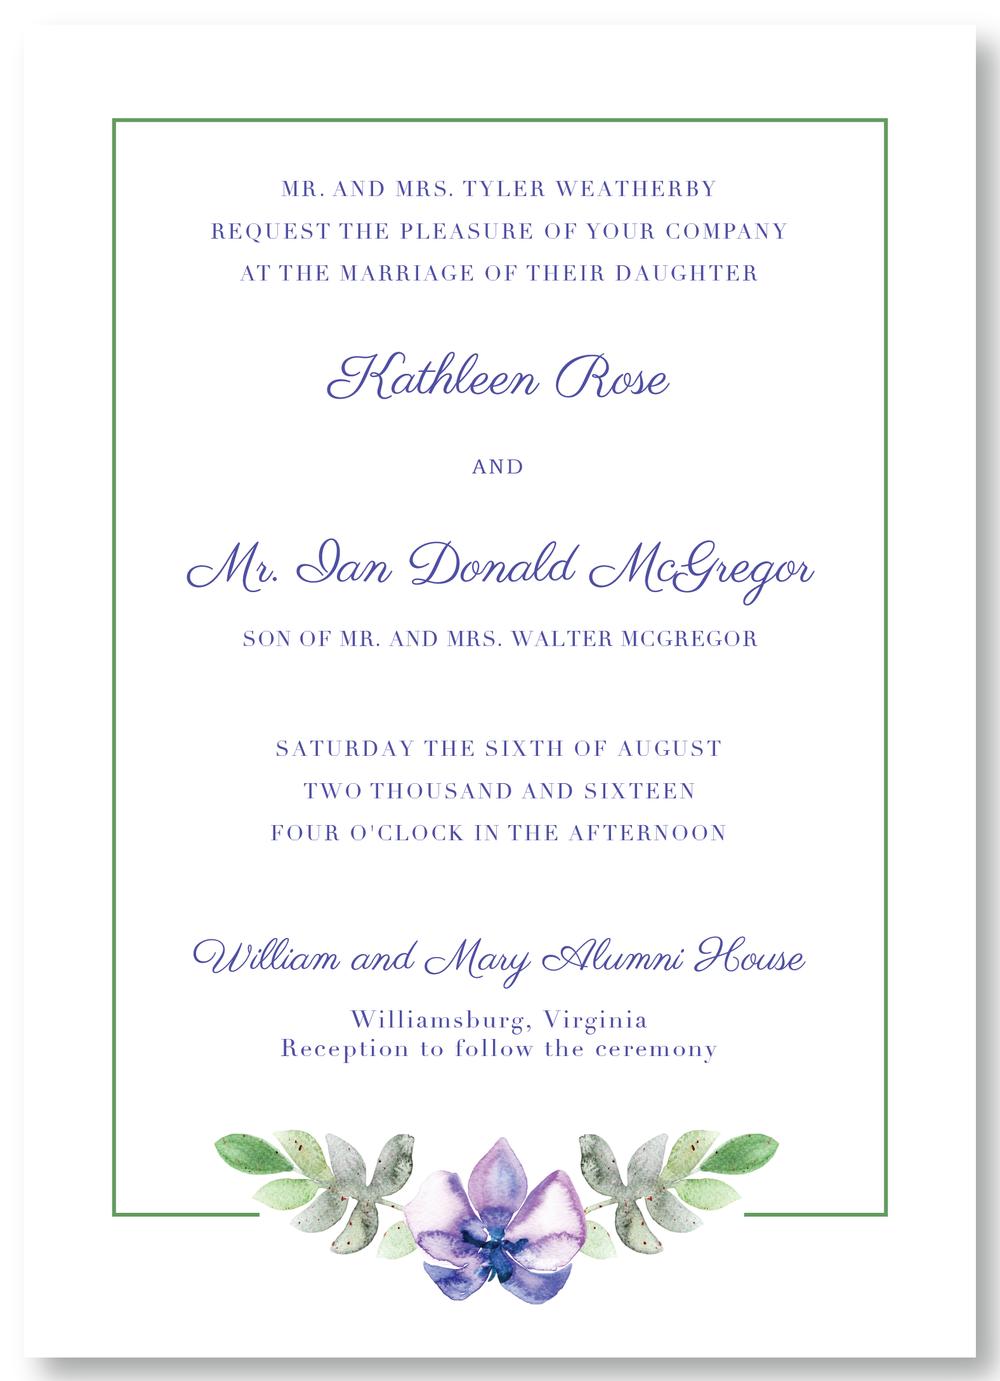 The Williamsburg - Invitation